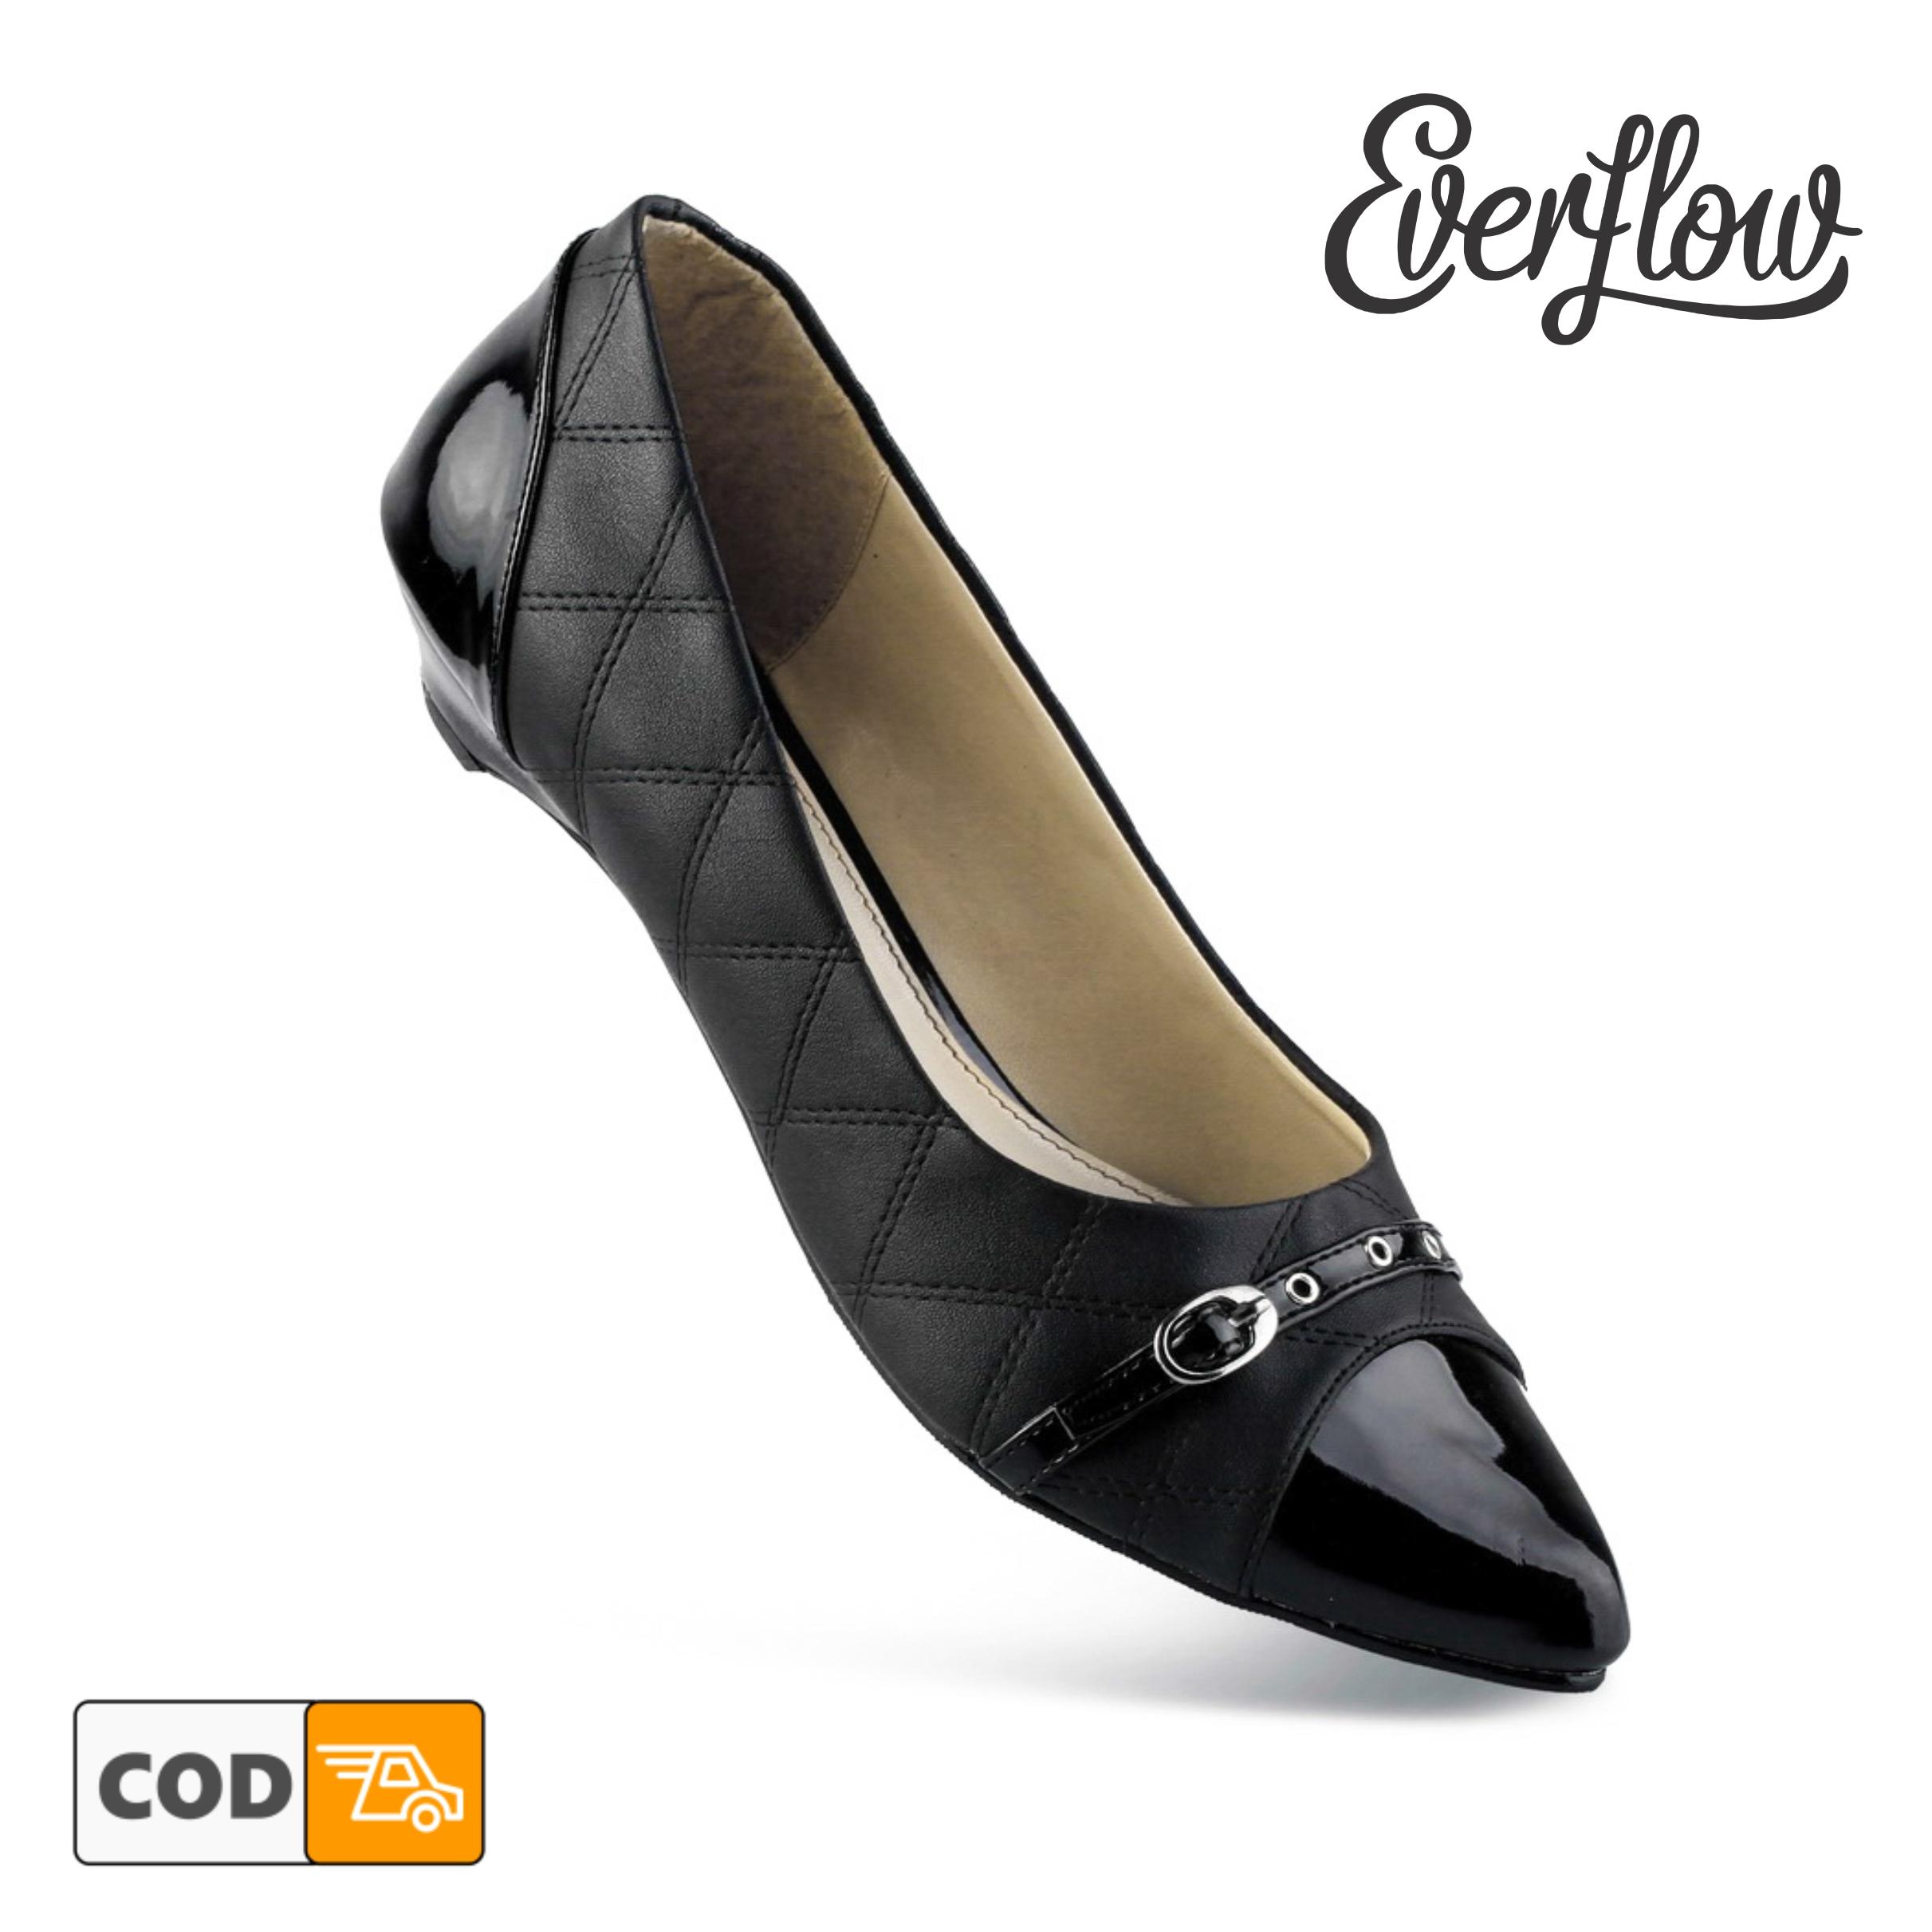 sepatu pantopel wanita flat shoes vpd07 hitam / sepatu kerja wanita  / sepatu kantor kerja kuliah